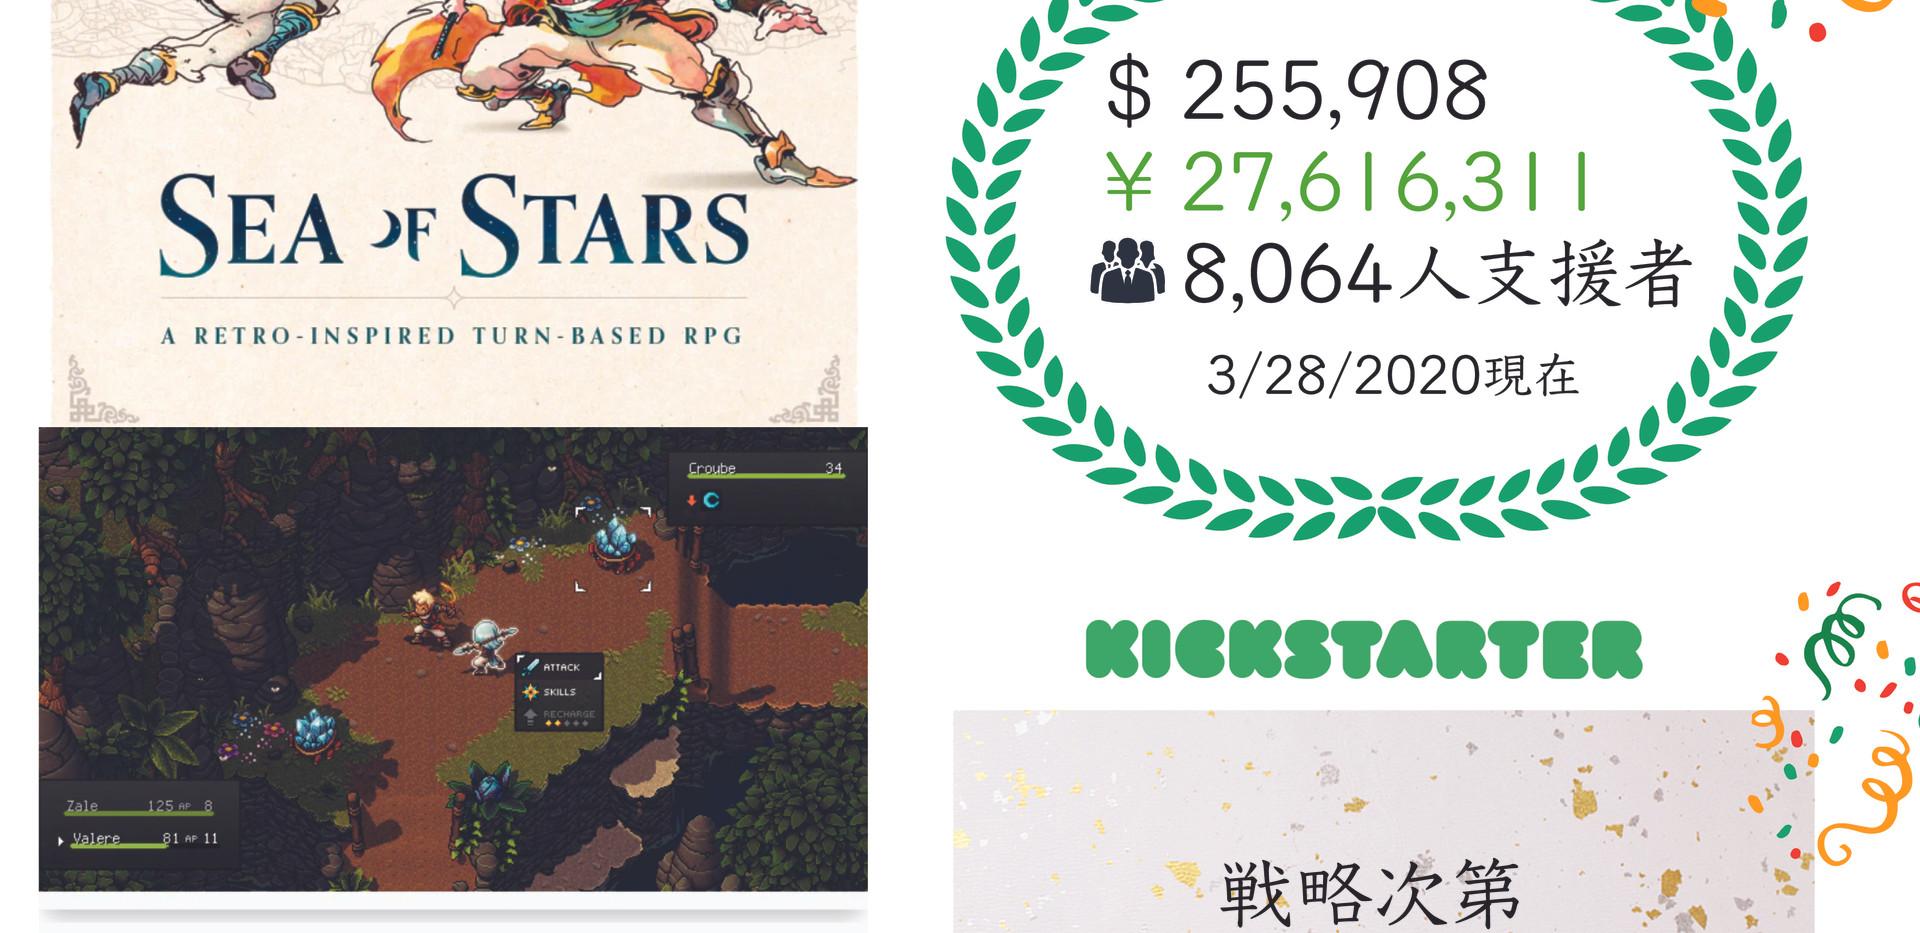 Sea of Stars ビデオゲーム政策代金